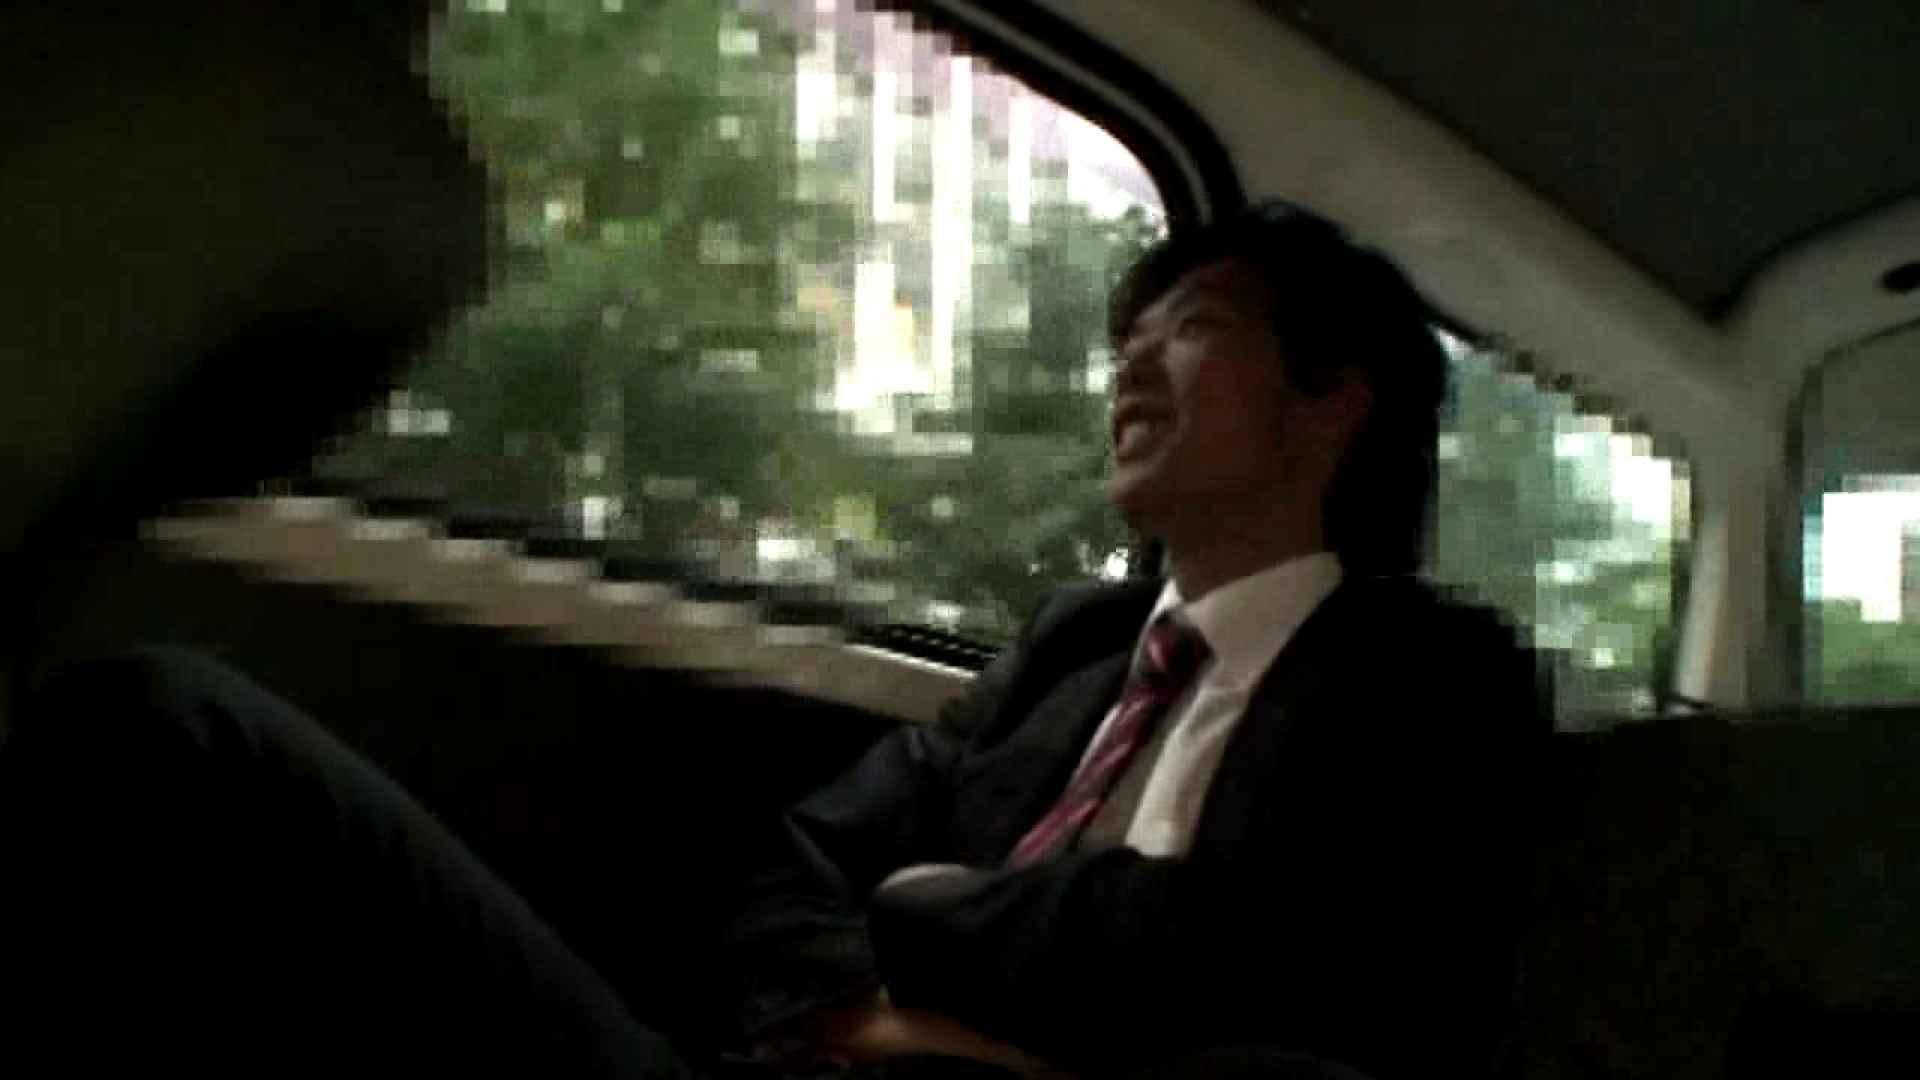 亜細亜のイケメンがイクっ!File.06 手コキ ゲイエロビデオ画像 105pic 29